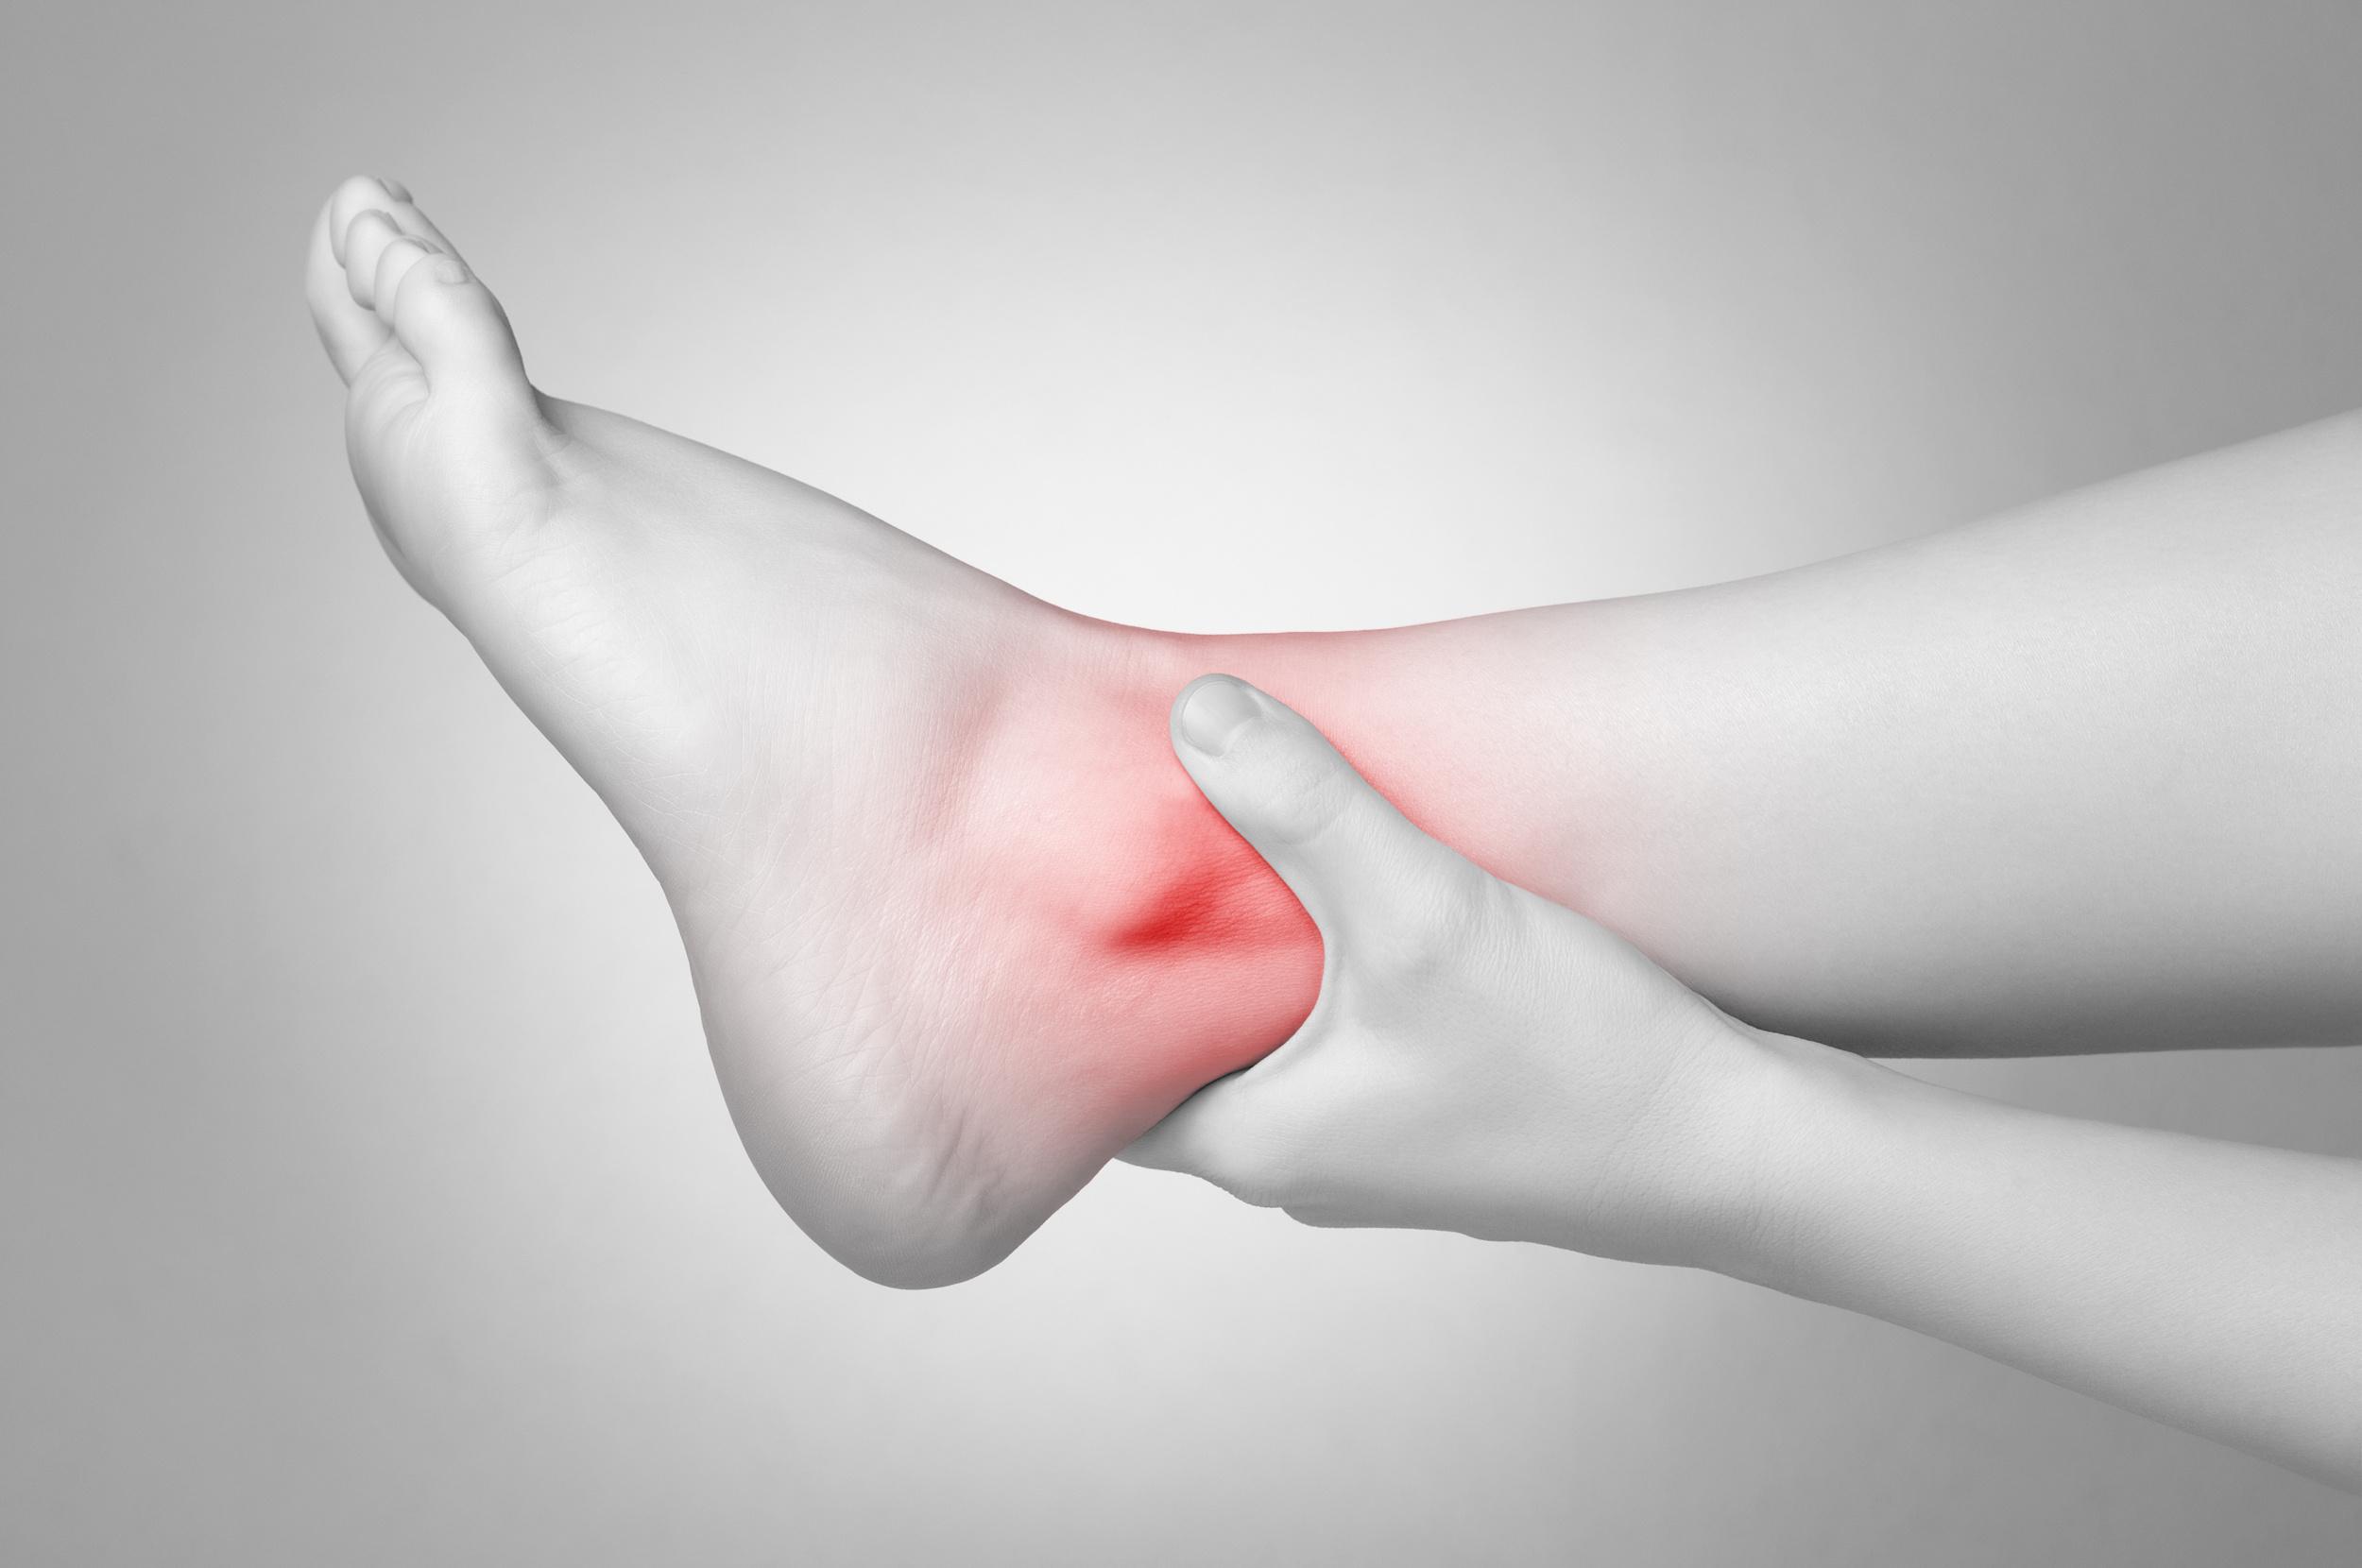 Biểu hiện và cách chữa trị đau khớp cổ chân